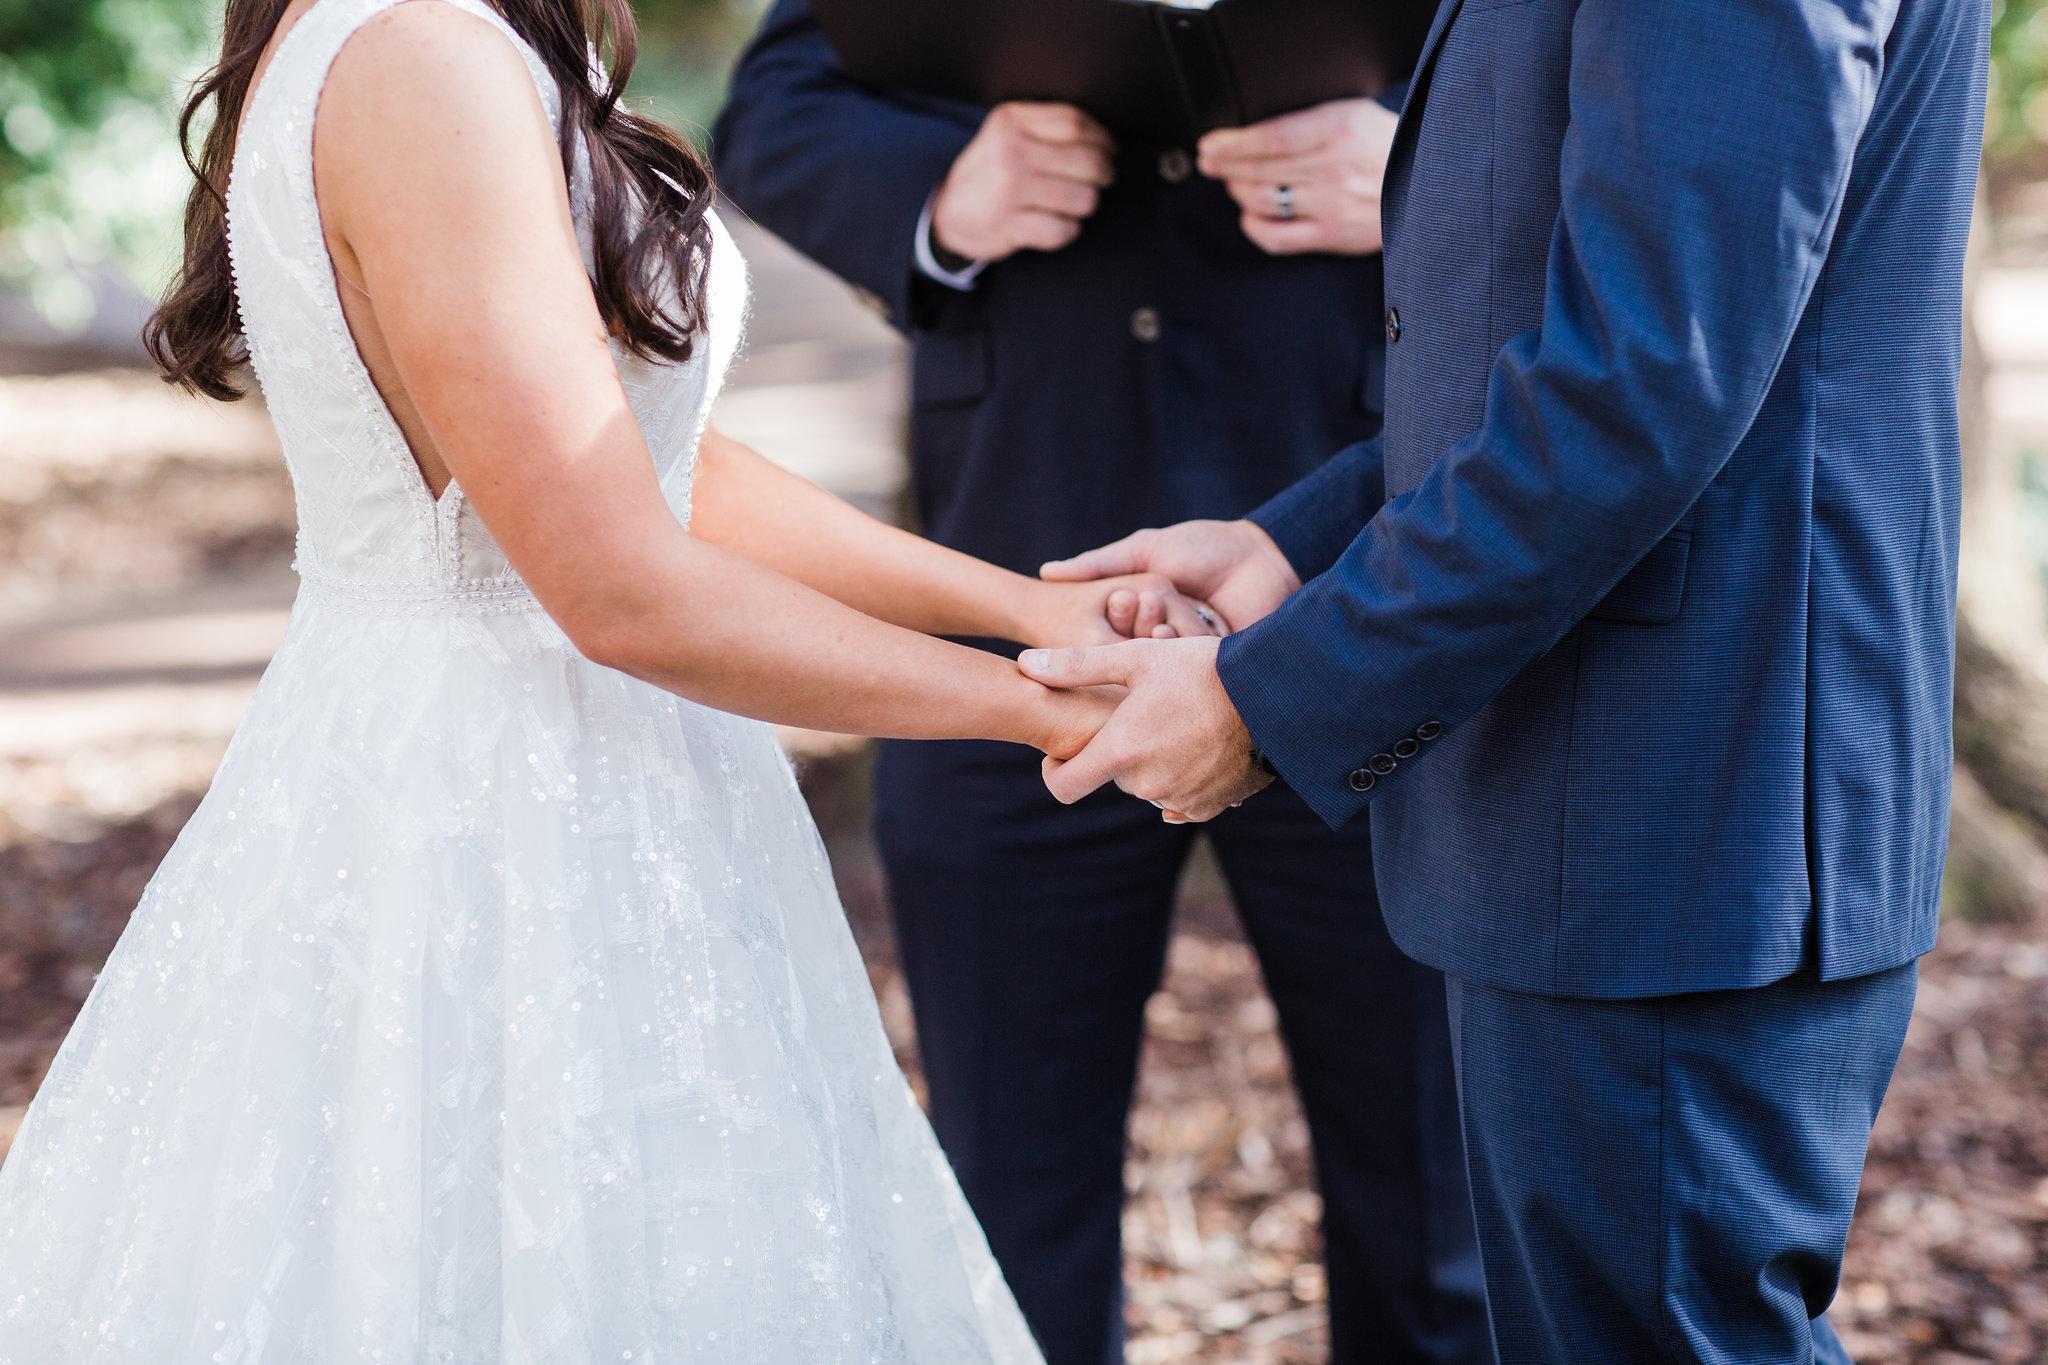 apt-b-photography-lindsey-shawn-Savannah-wedding-photographer-savannah-elopement-photographer-historic-savannah-elopement-savannah-weddings-hilton-head-wedding-photographer-jekyll-island-wedding-photographer-5.jpg